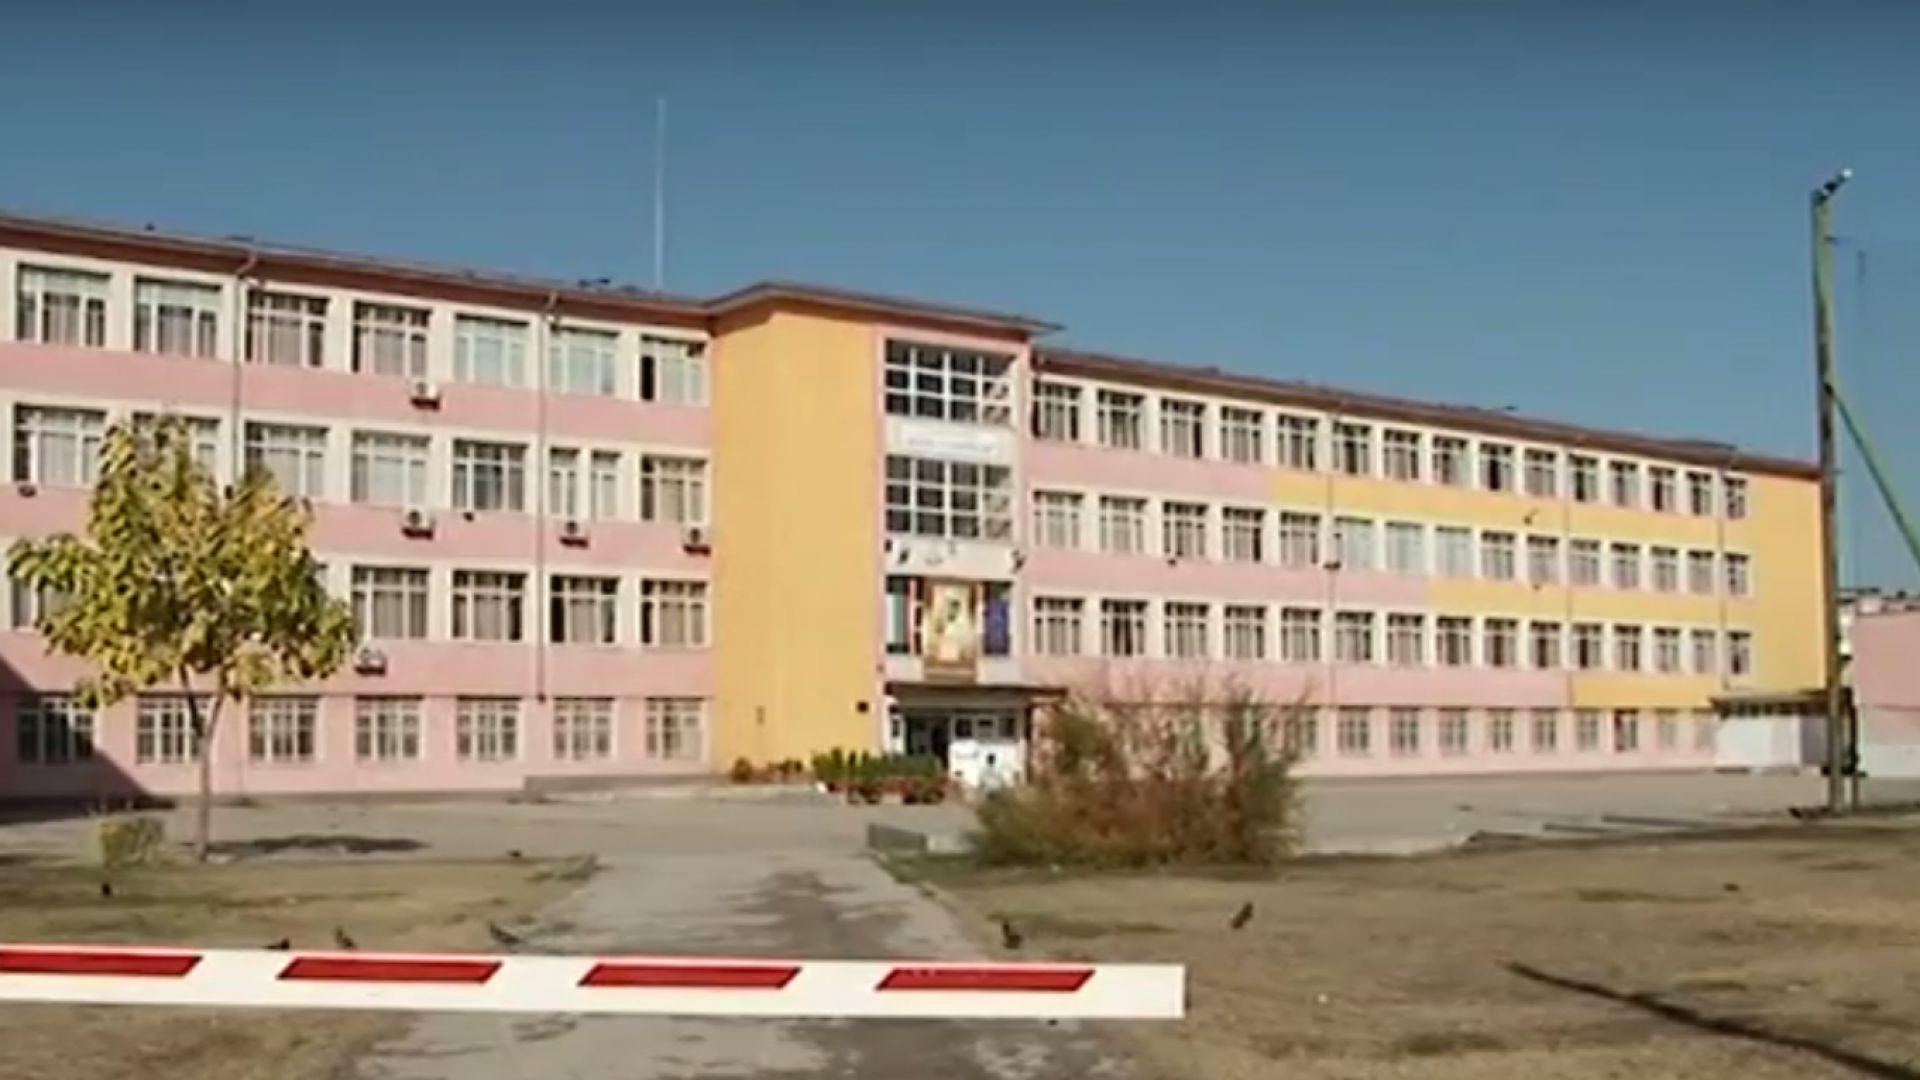 Училищна директорка взела 13 болнични, за да избегне уволнение